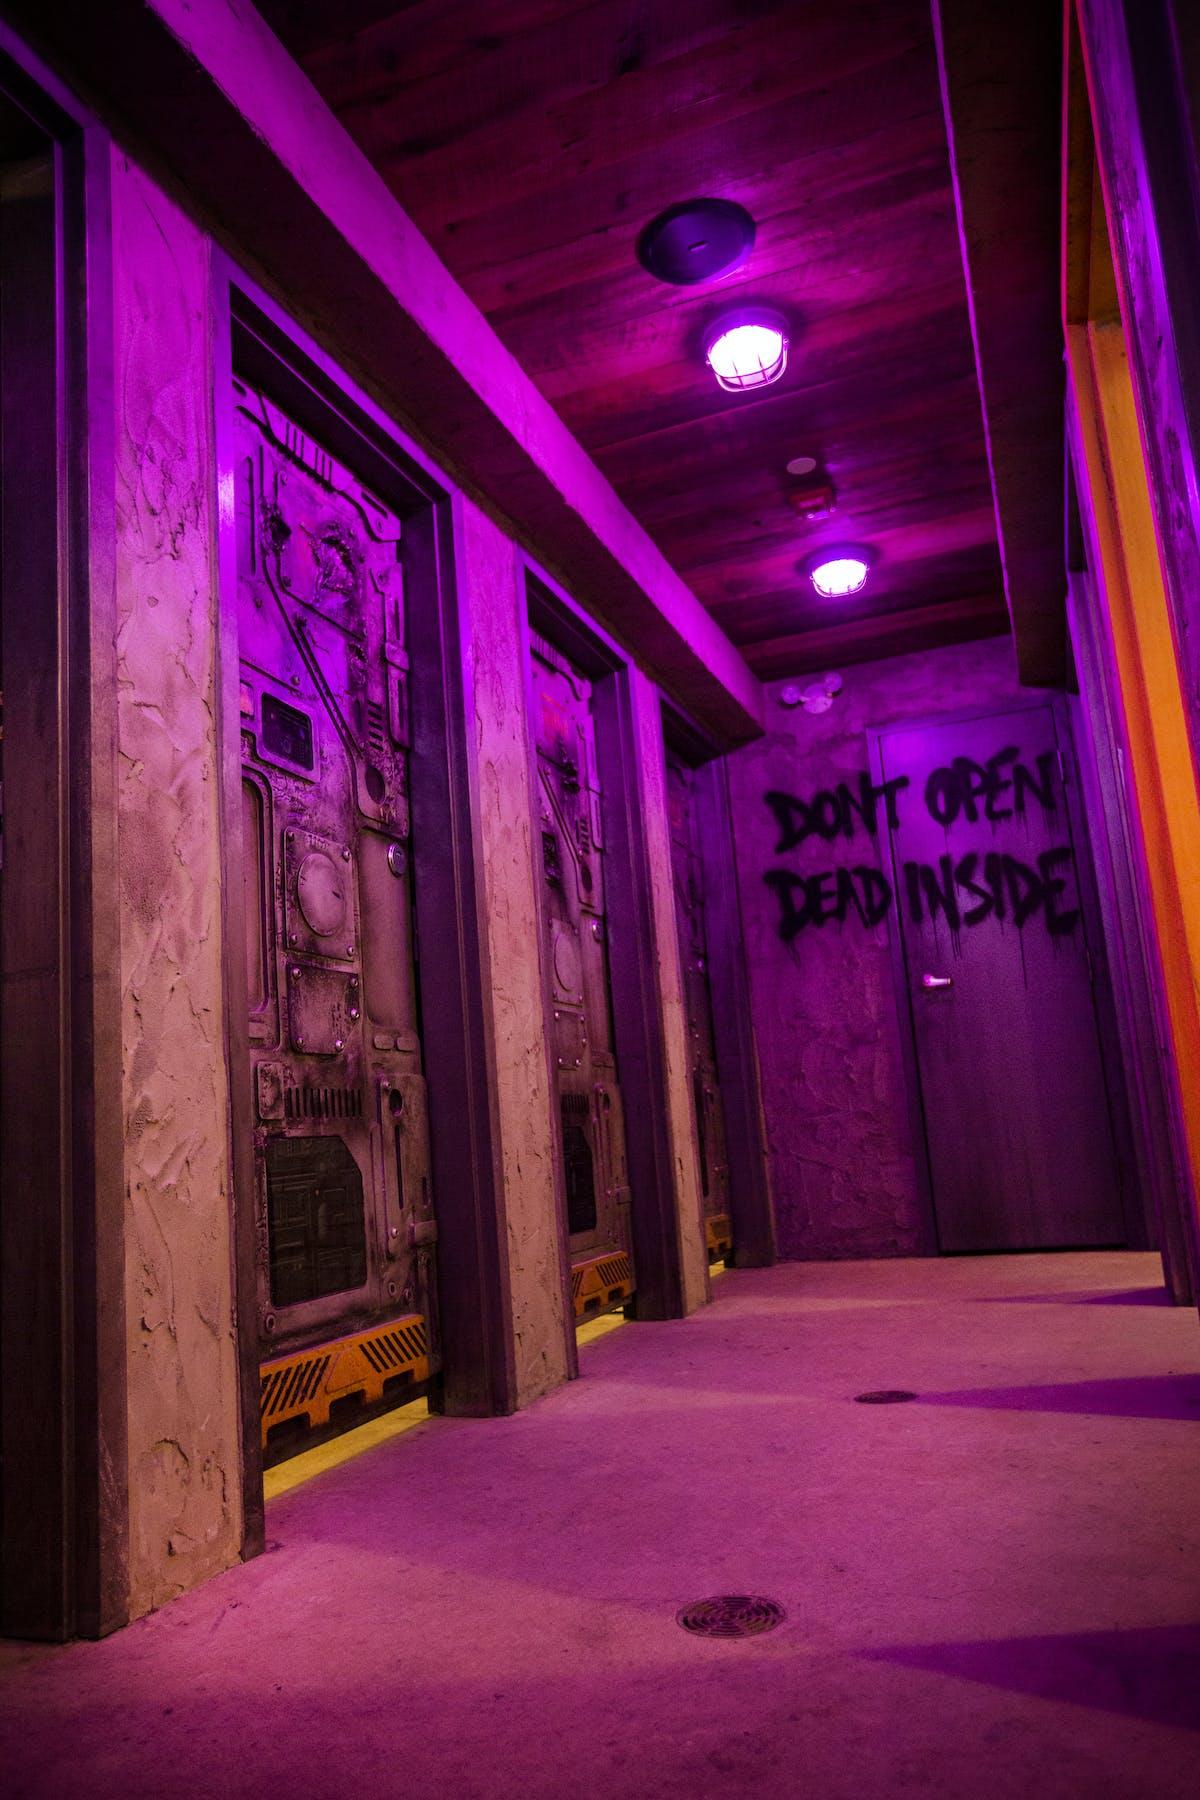 Purple lighted hallway